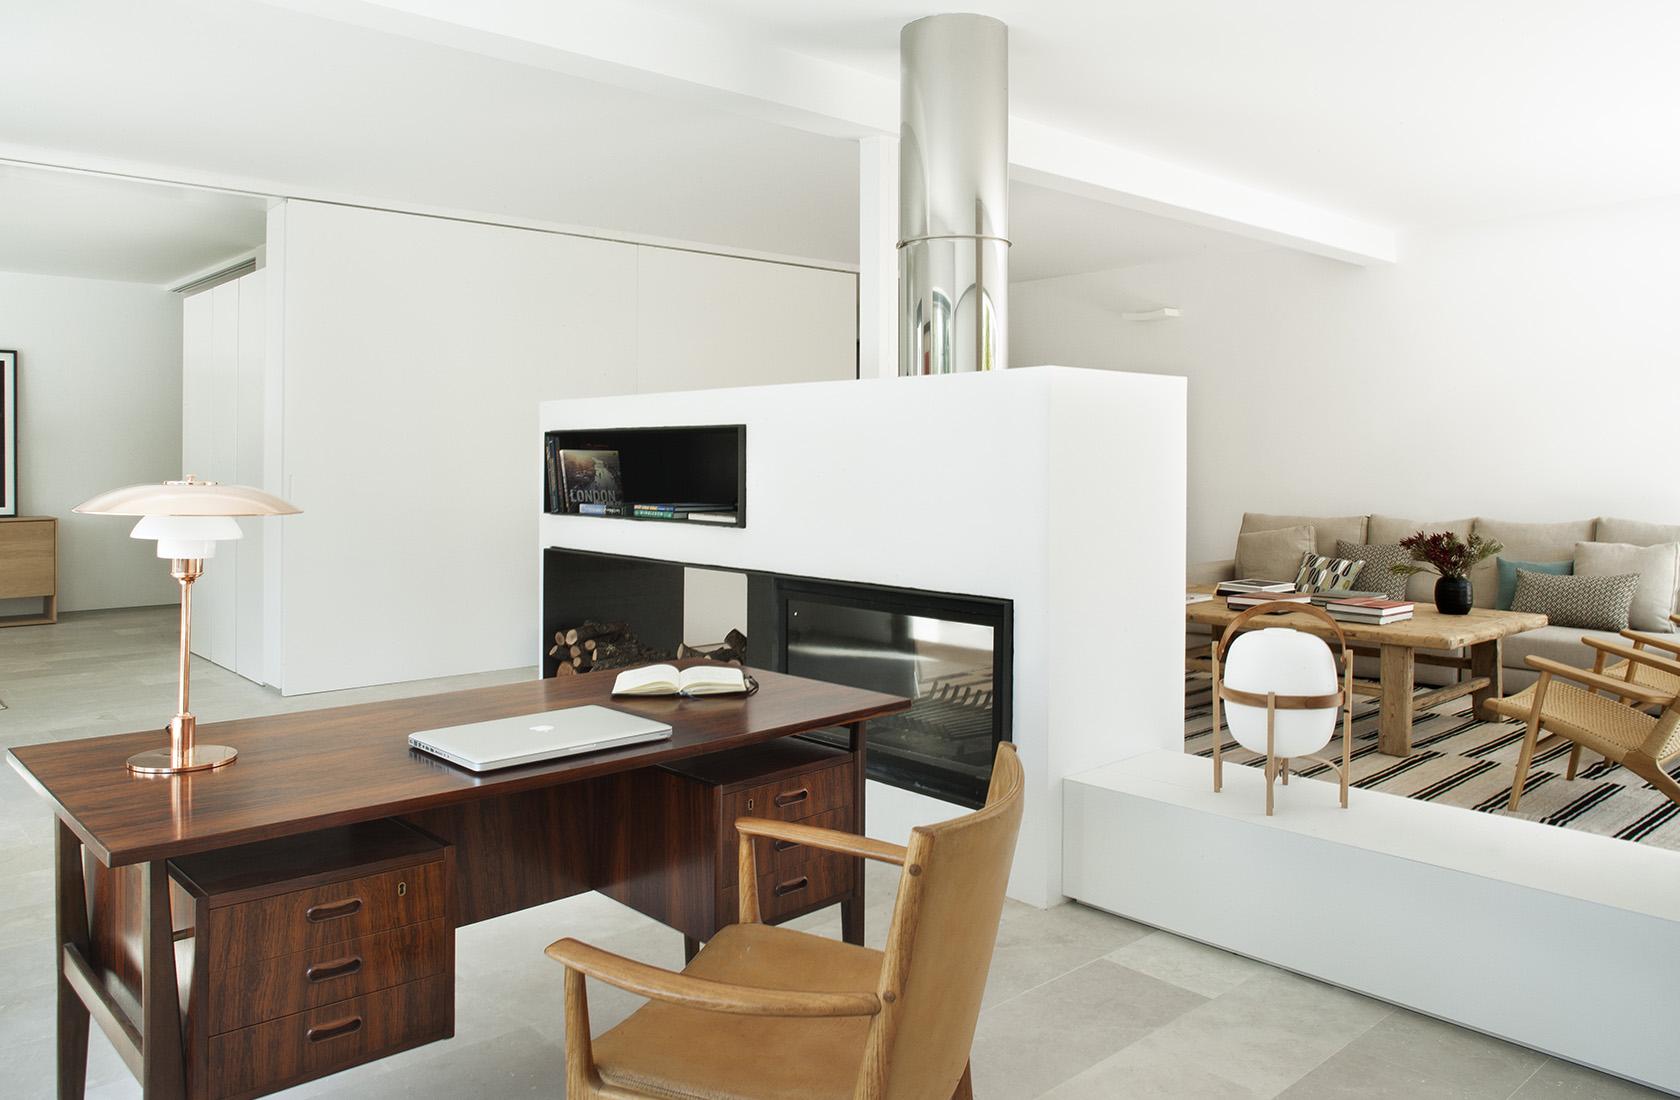 Vista general del salón con dos espacios diferenciados, vivienda en La Moraleja